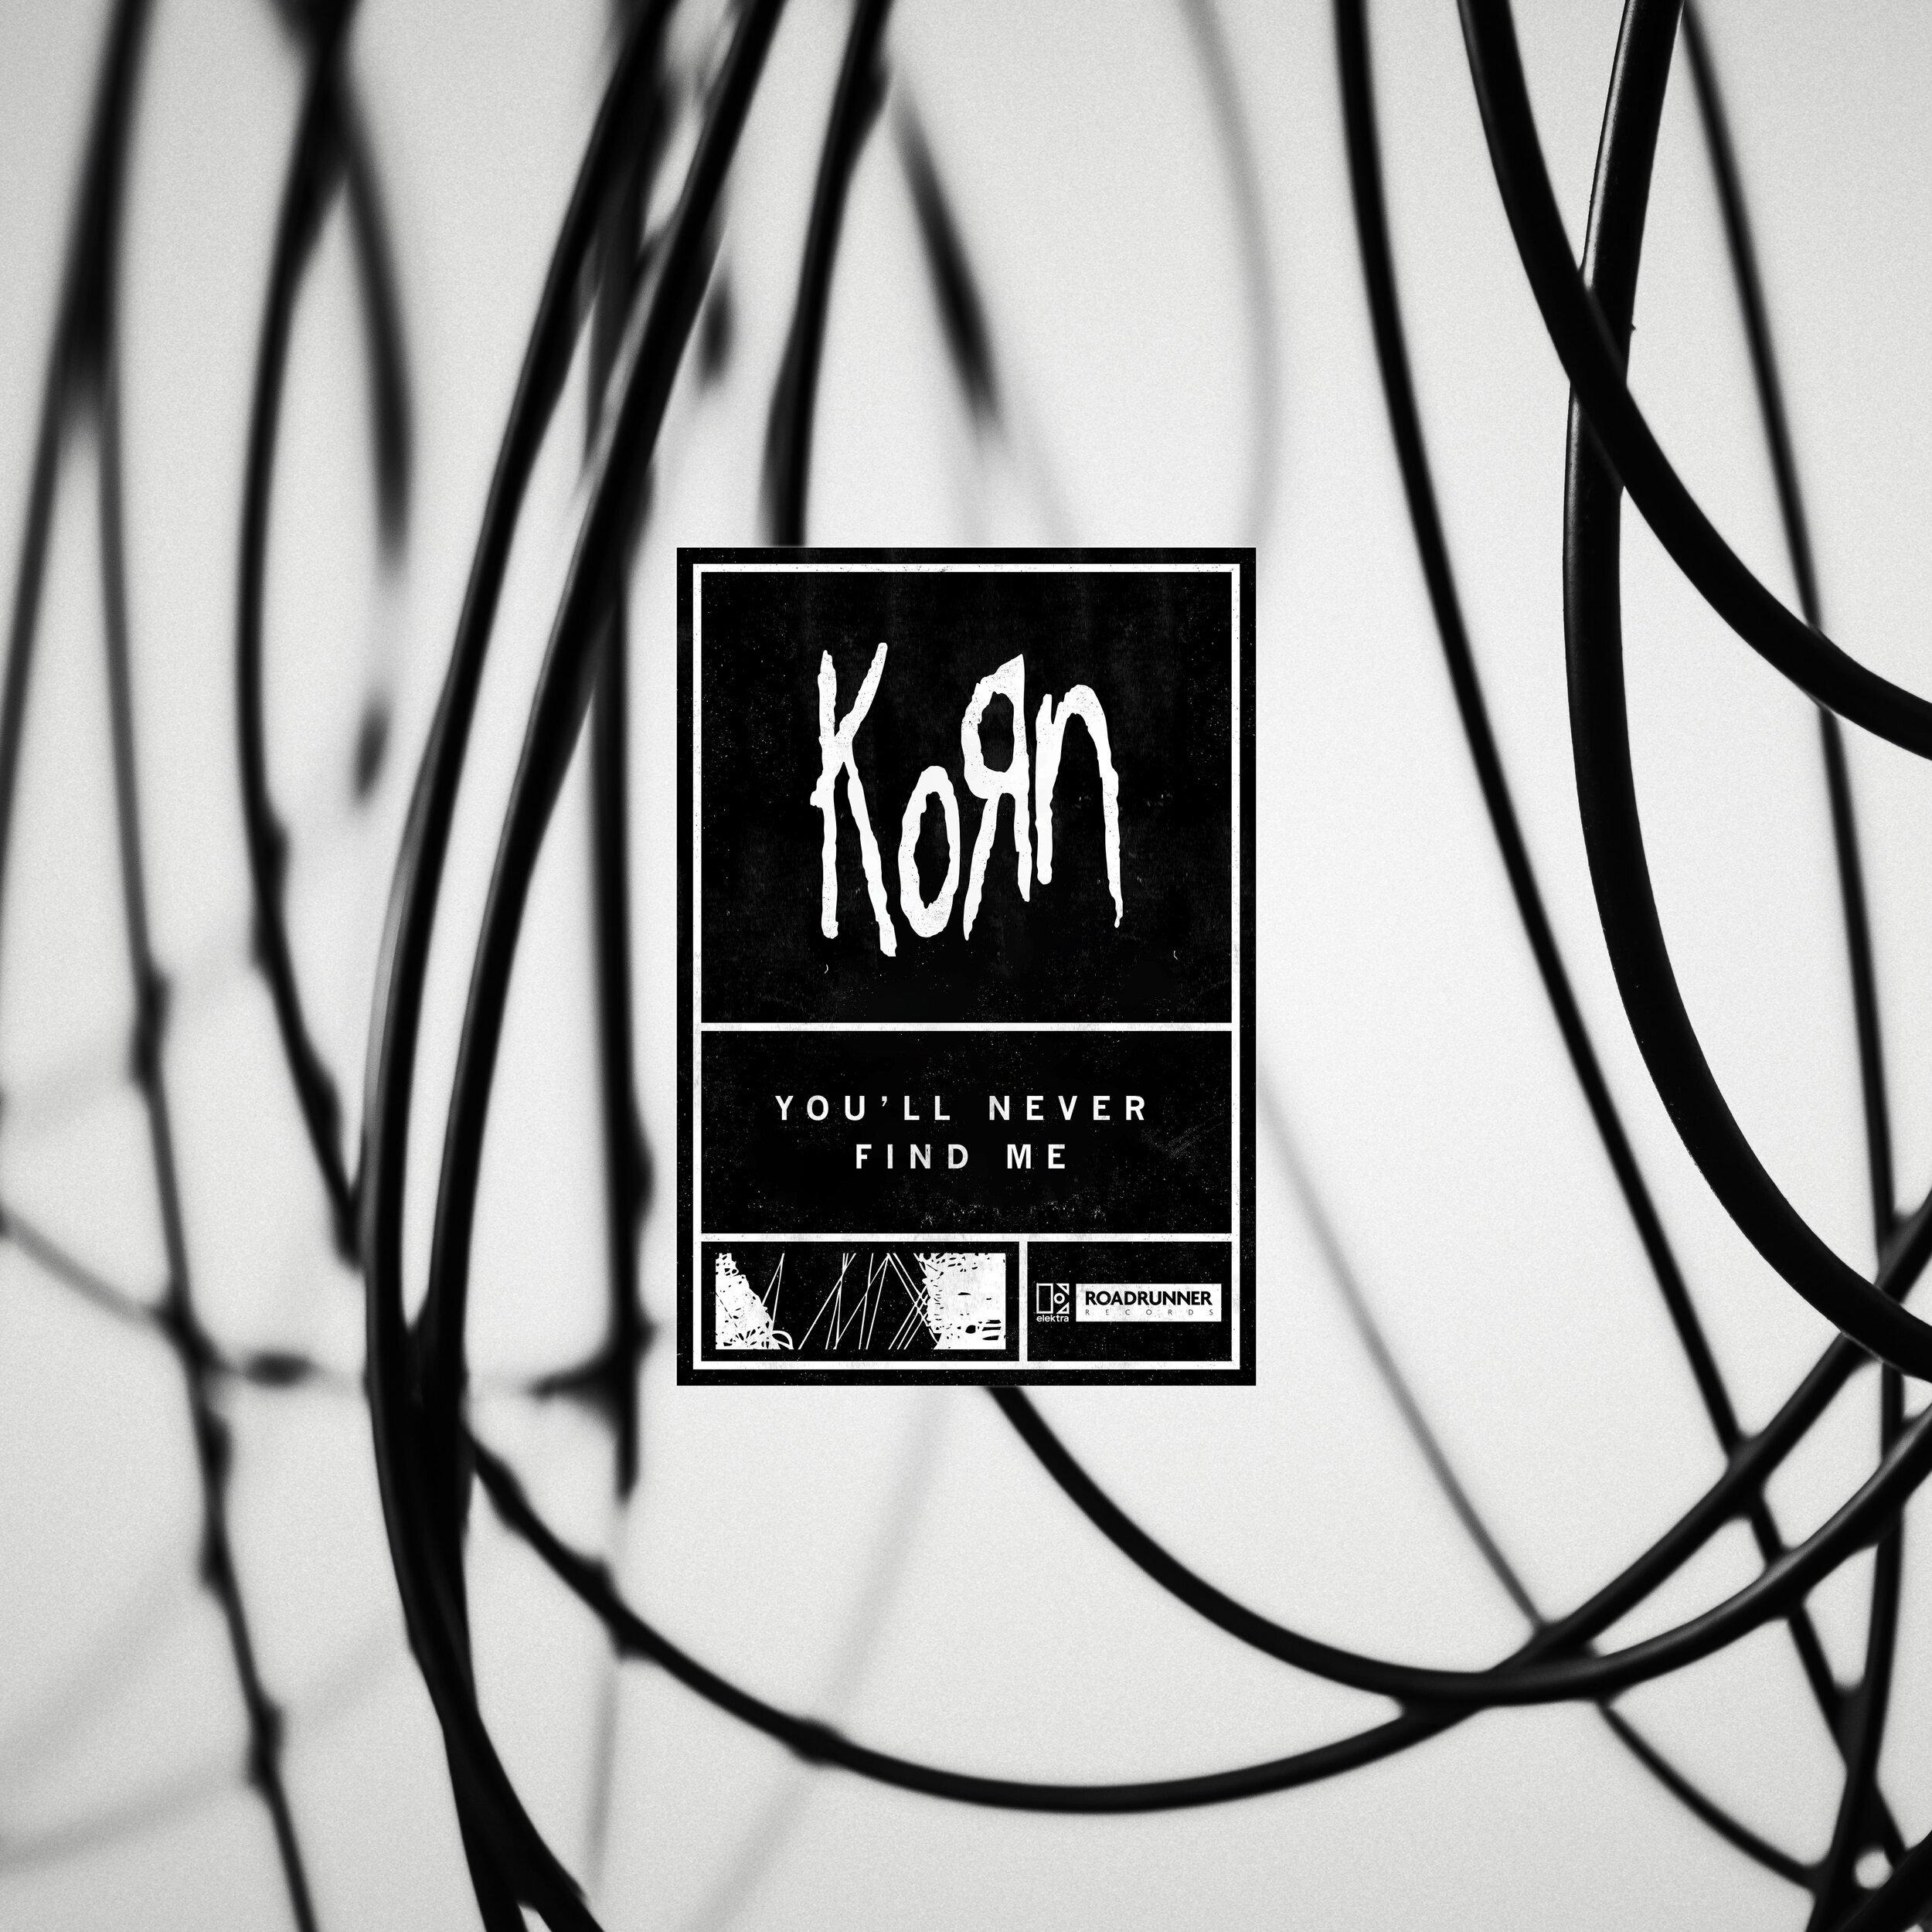 KRN-SingleCov-YNFM-3600px.jpg